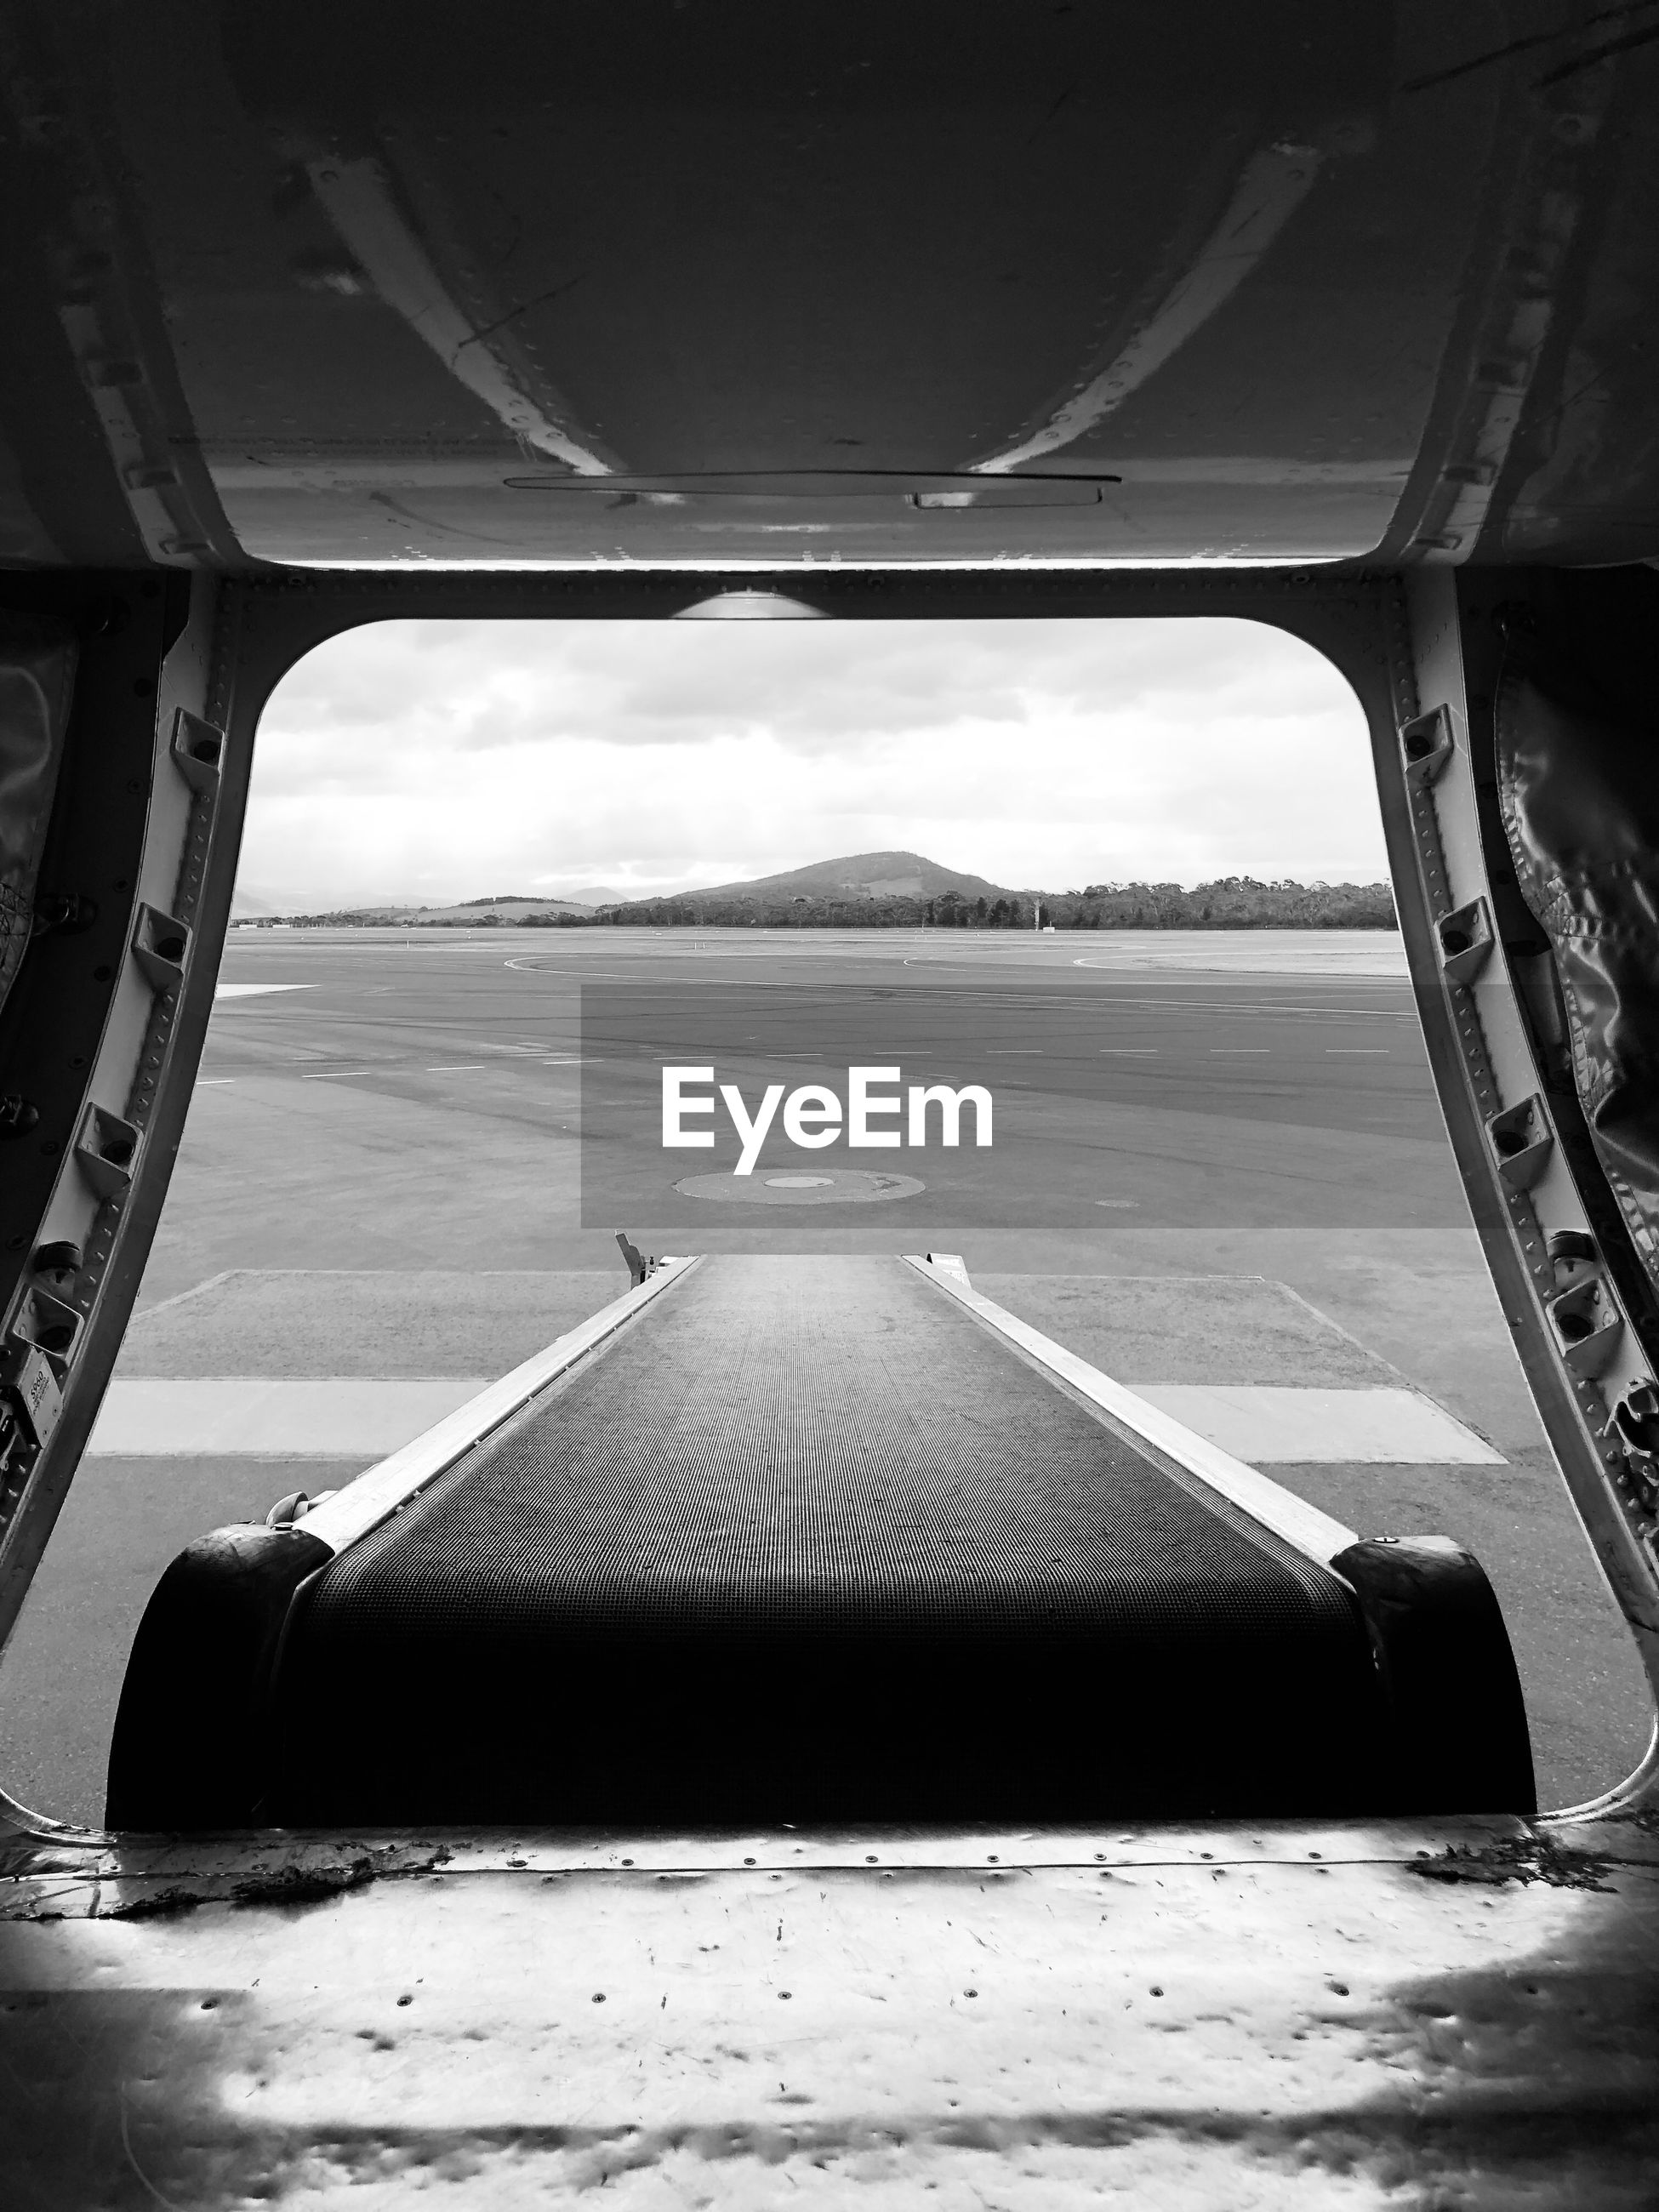 View of airport runway seen through airplane door